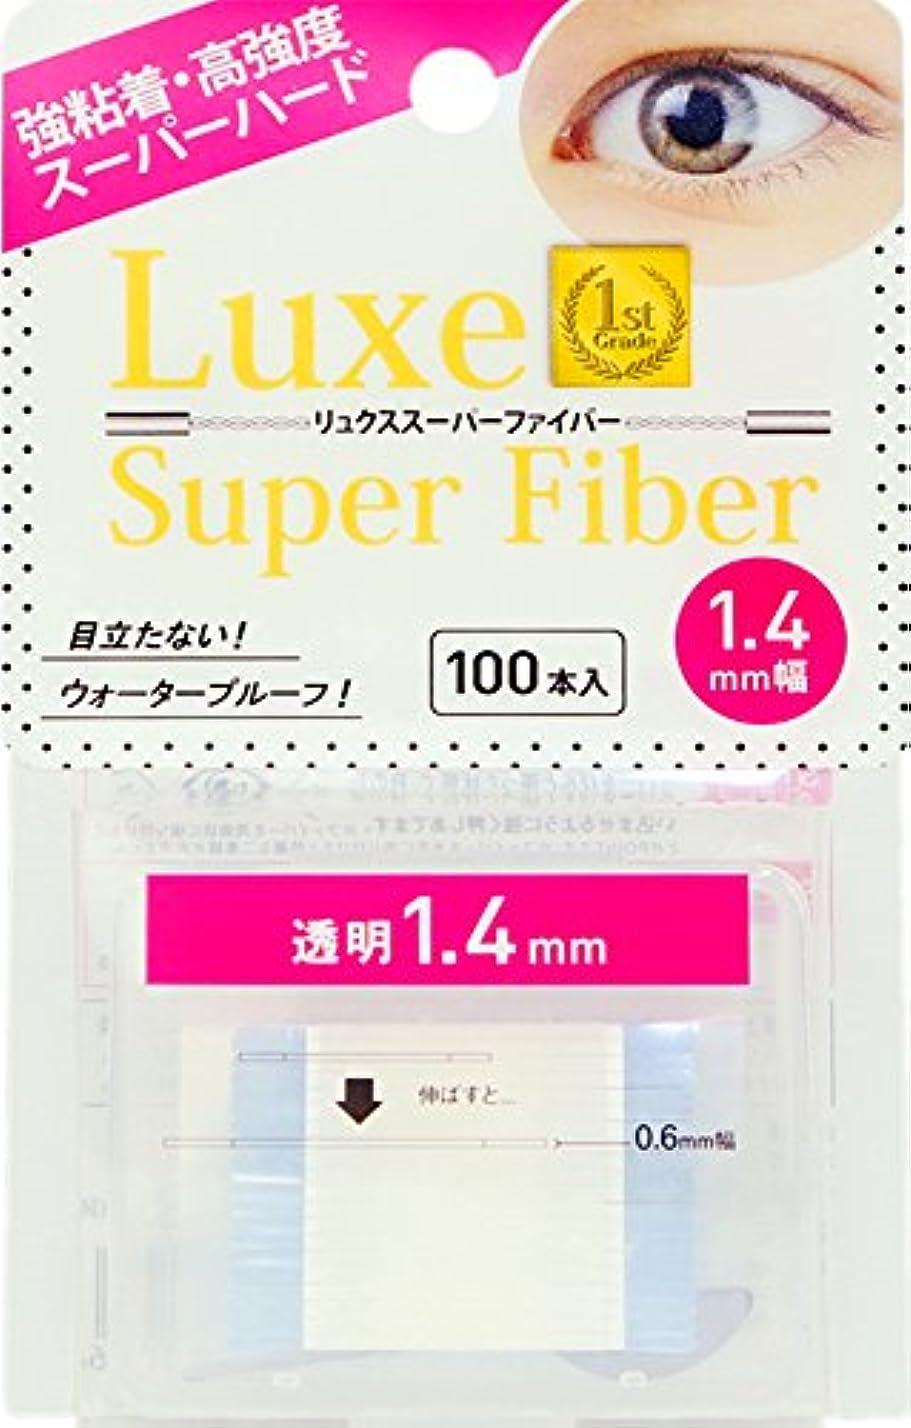 オーロック外交官地下室Luxe スーパーファイバー クリア1.4mm SH 100本